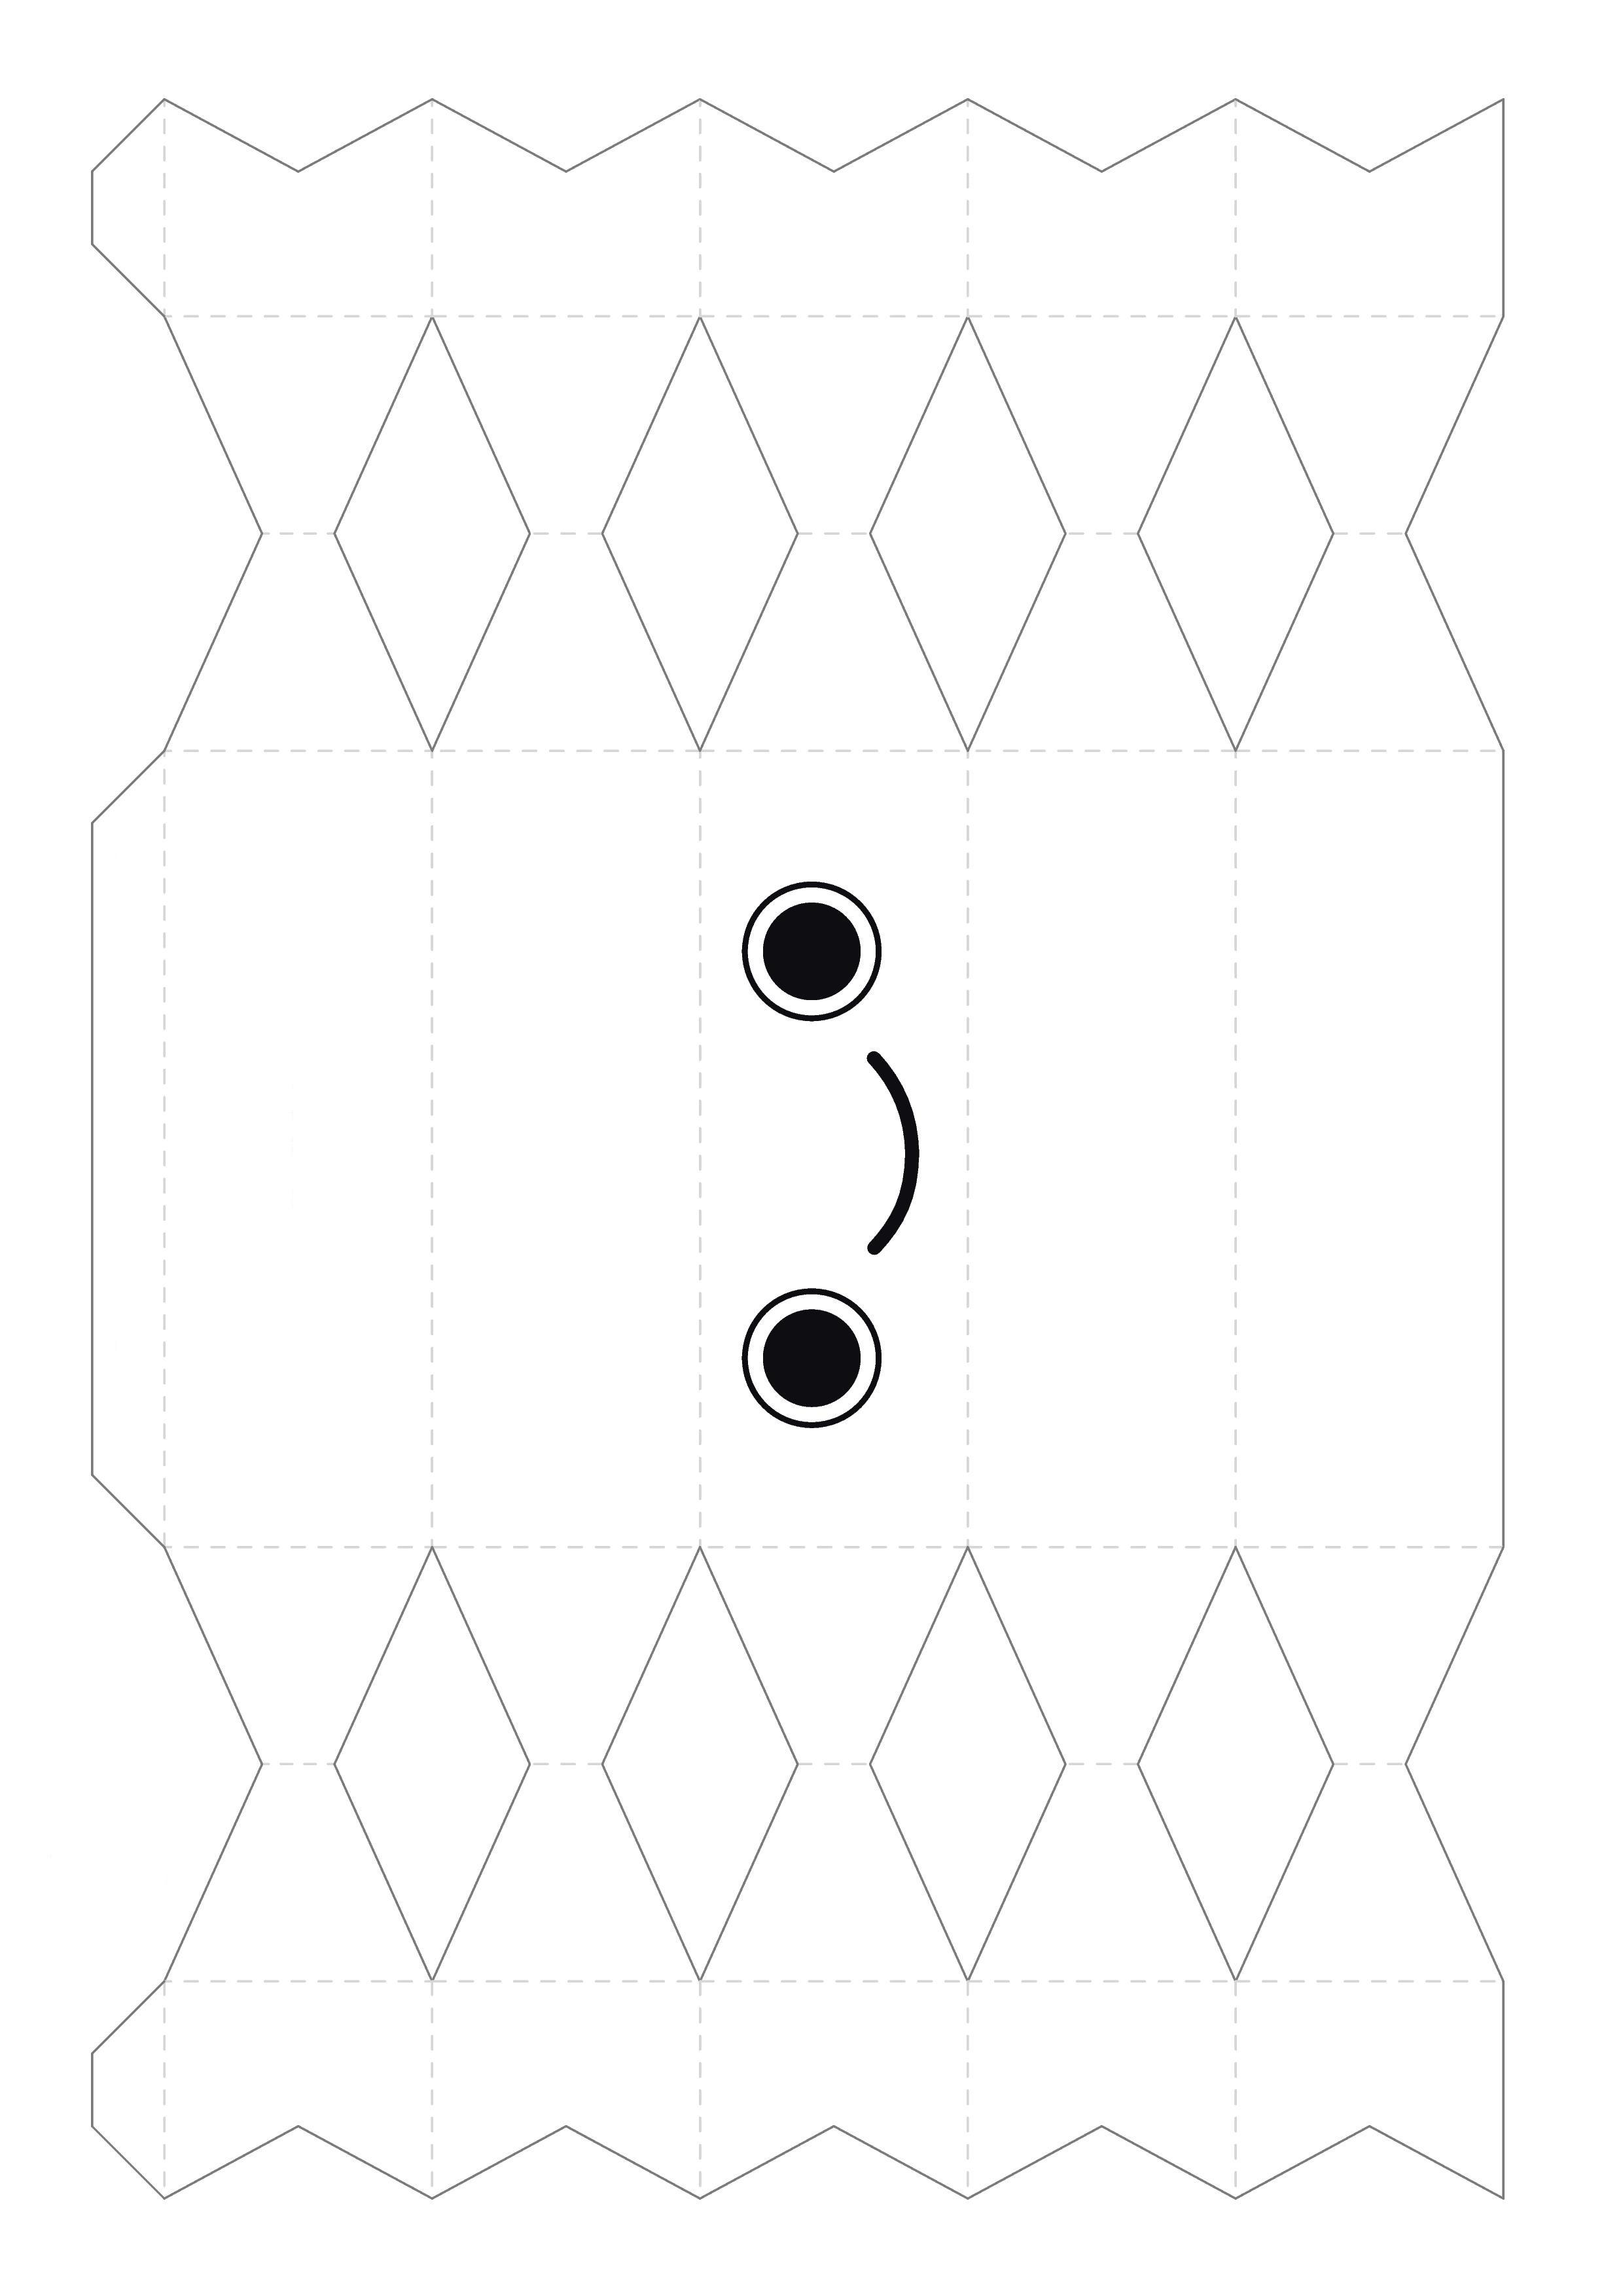 Коробочка конфета шаблоны